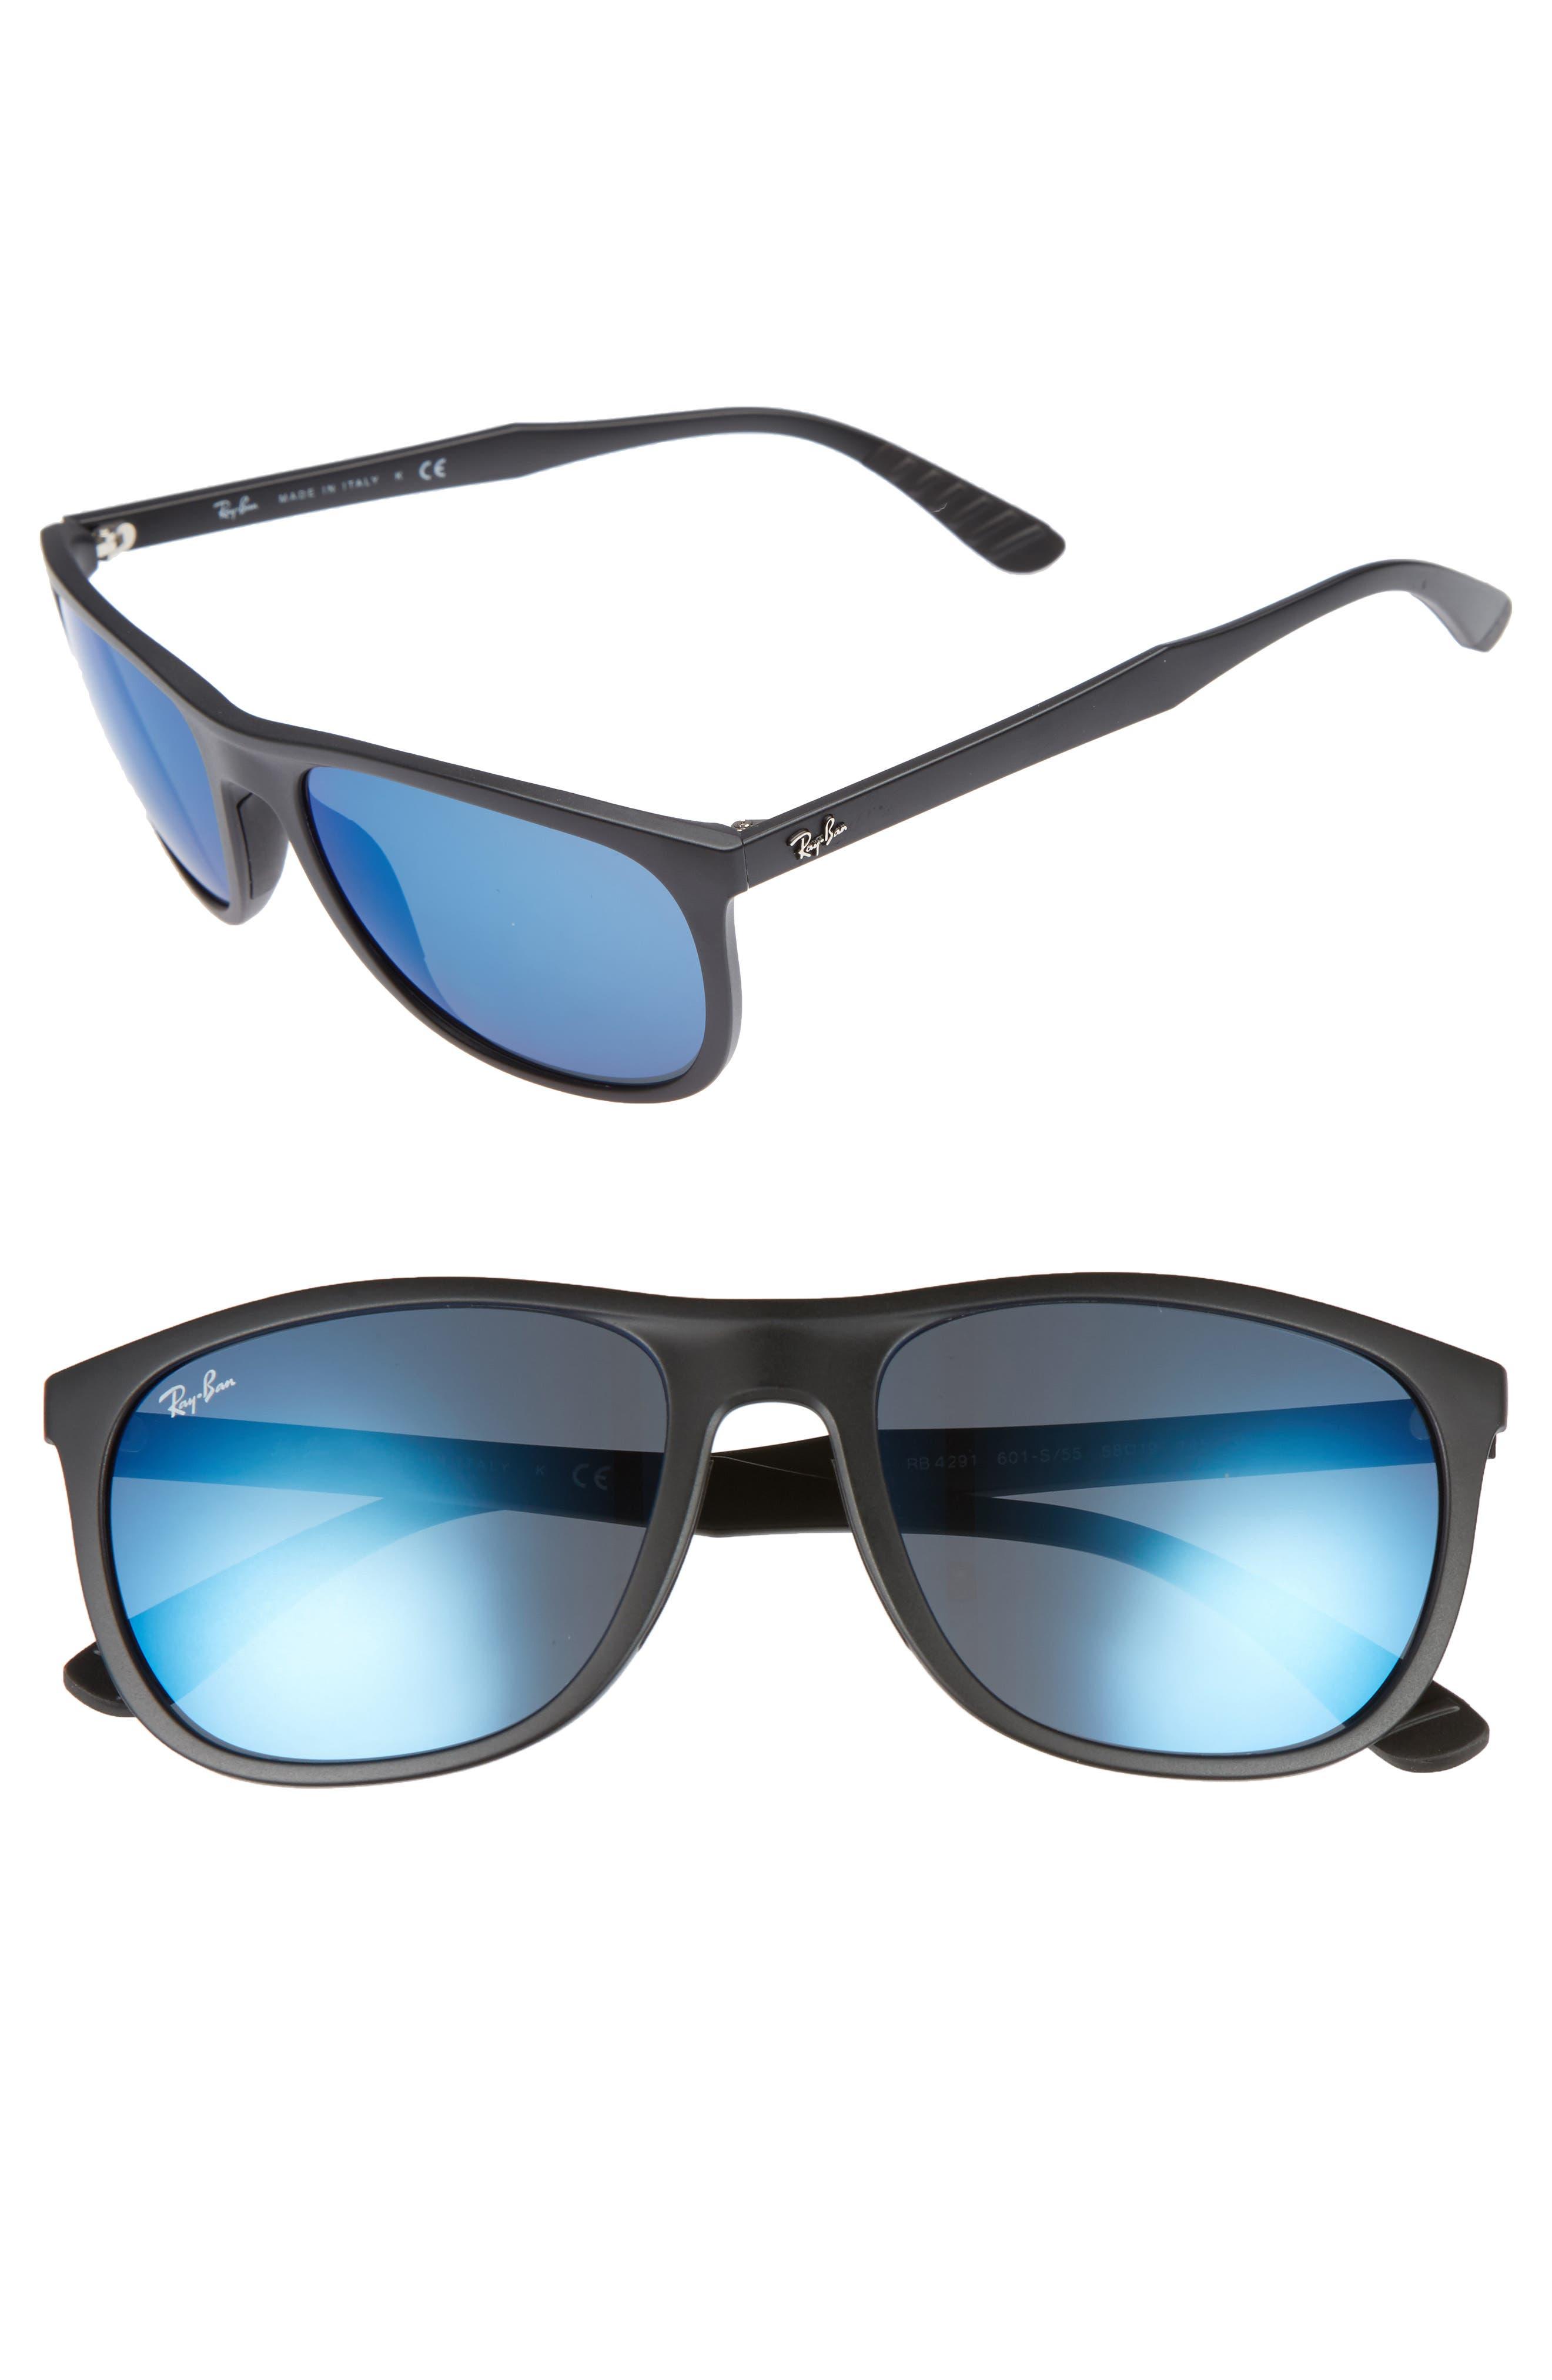 Active Lifestyle 58mm Sunglasses,                         Main,                         color, Black/ Blue